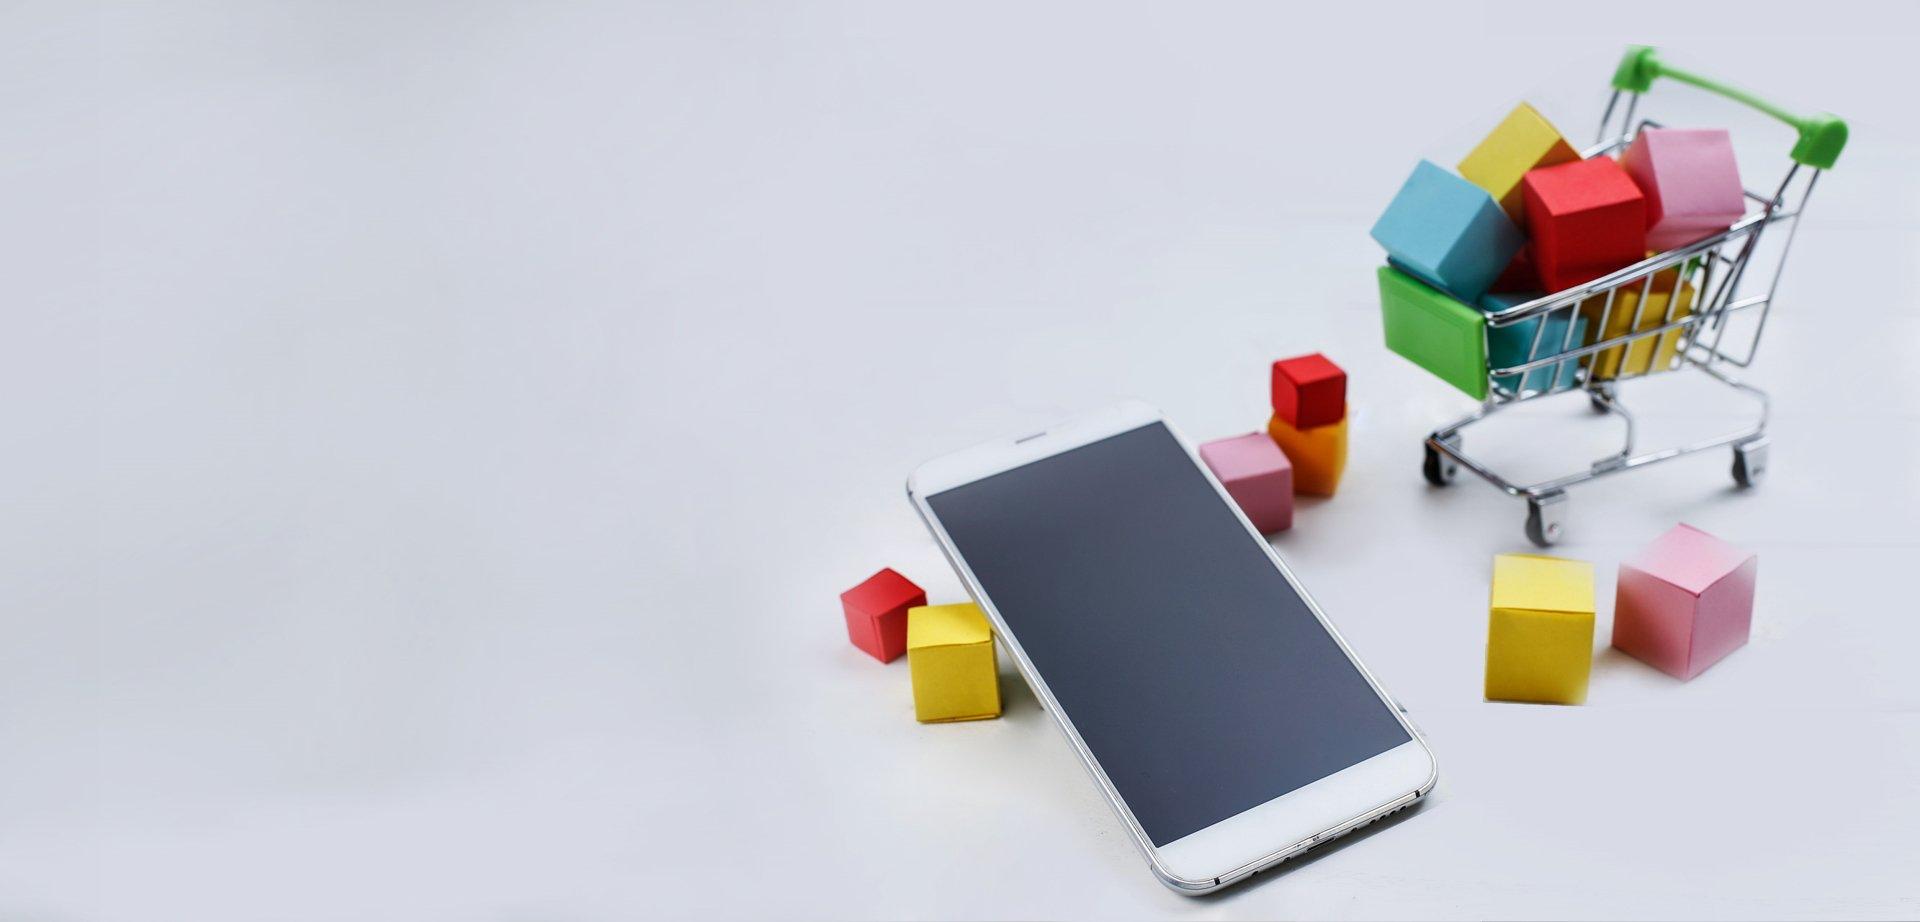 Aplikacje-do-sprzedazy-mobilnej